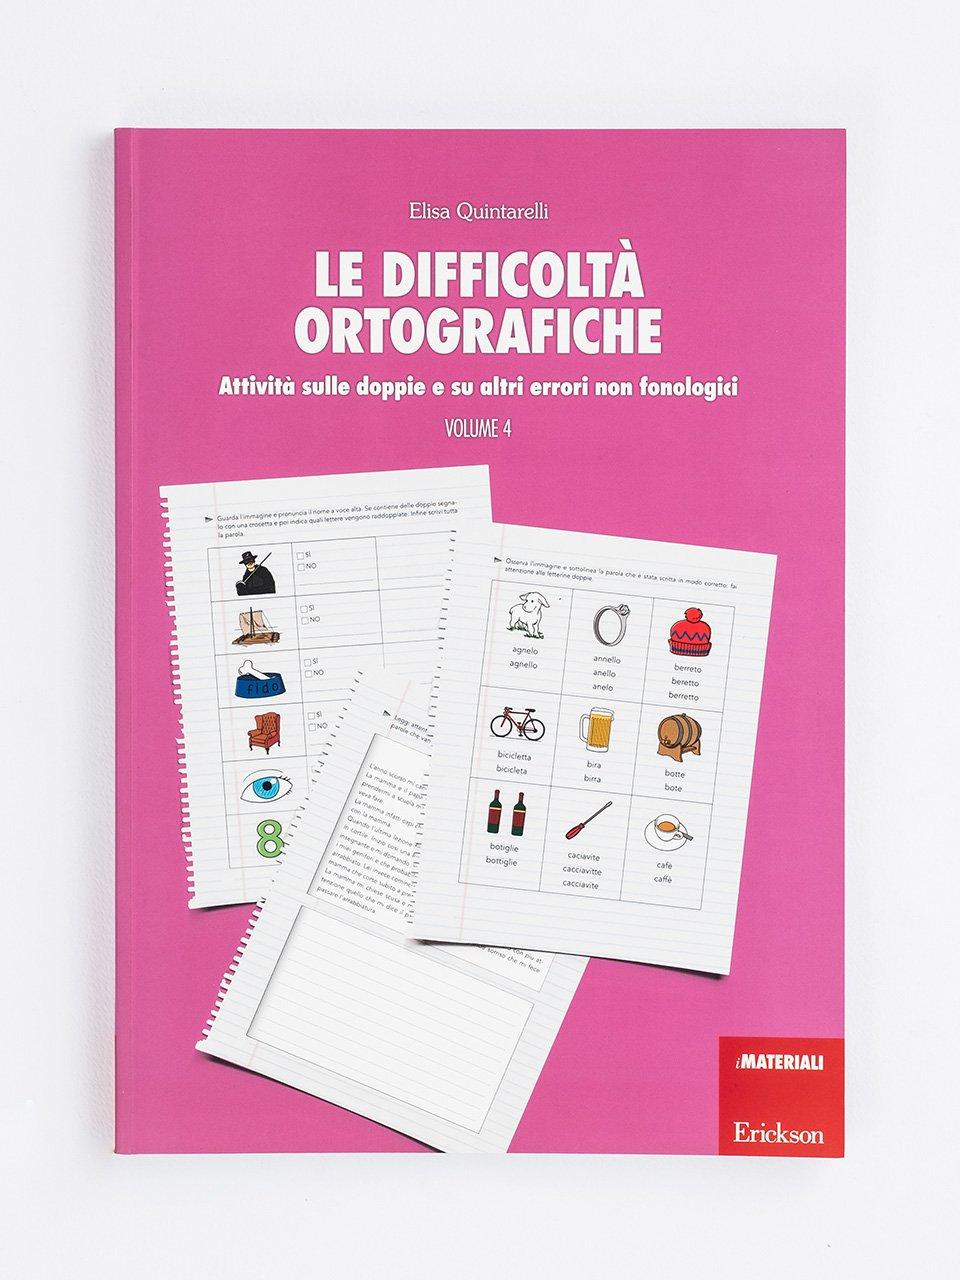 Le difficoltà ortografiche - Volume 4 - Schede per Tablotto (6-8 anni) - Grammatica incant - Giochi - Erickson